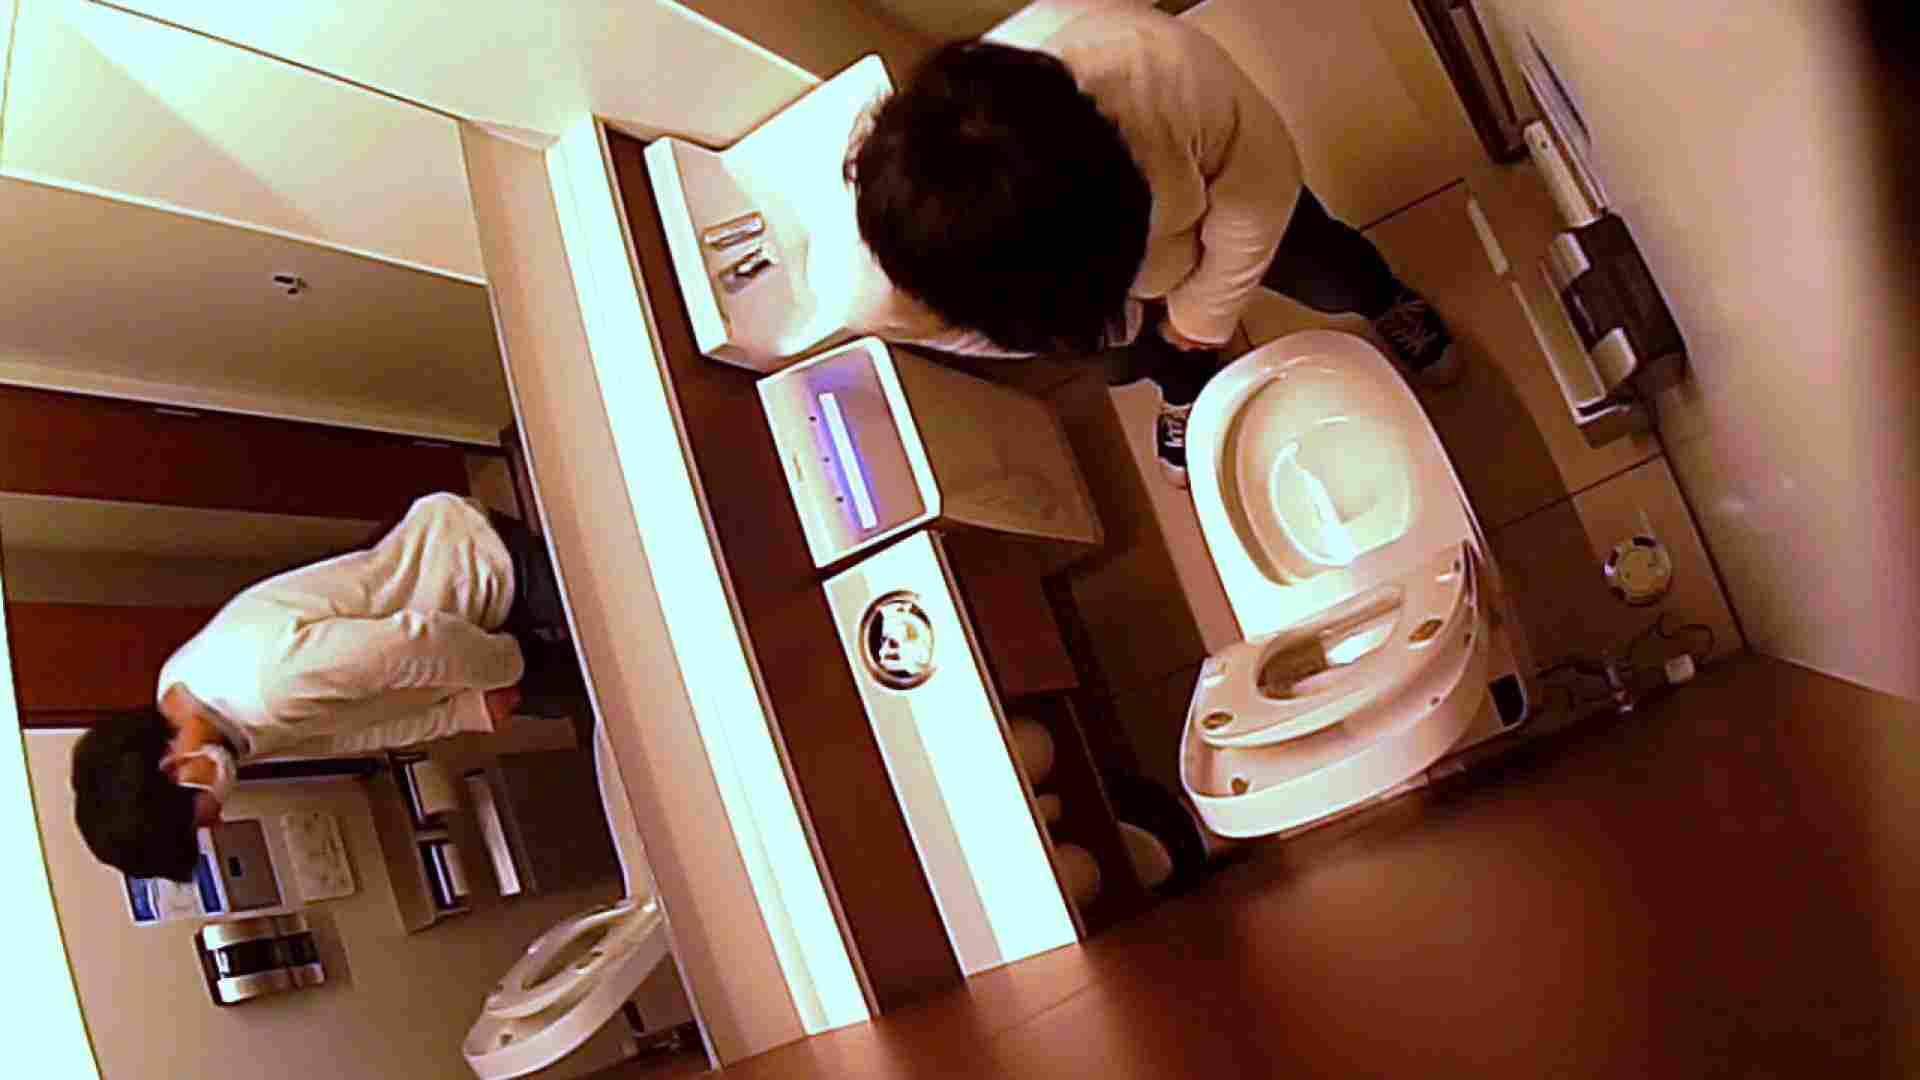 イケメンの素顔in洗面所 Vol.11 イケメンのsex | ノンケボーイズ  60pic 10